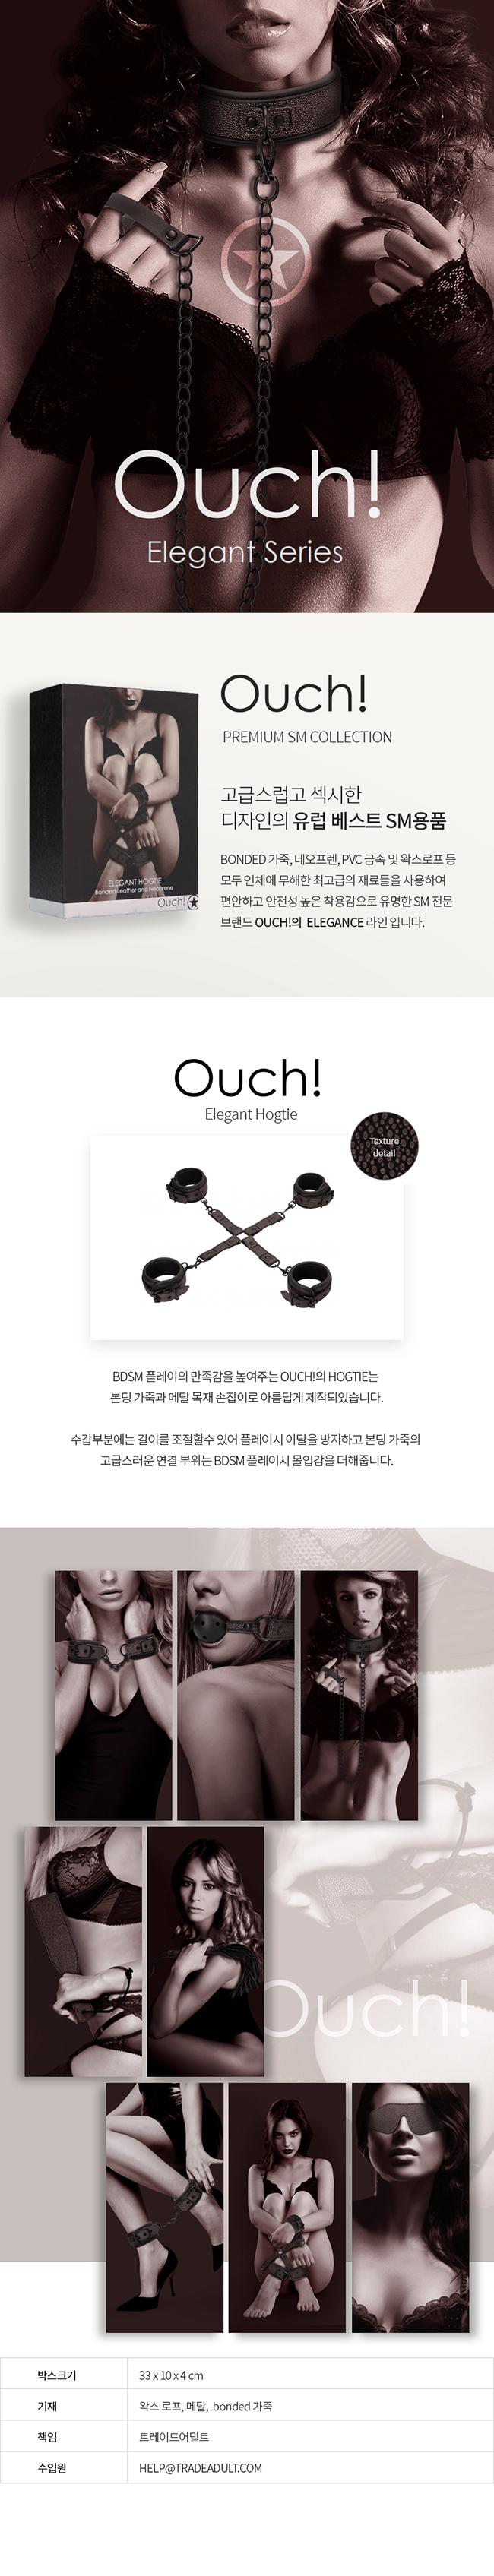 [SM 전신 구속] 엘레강스 호그타이(Elegant Hogtie) - 아우치